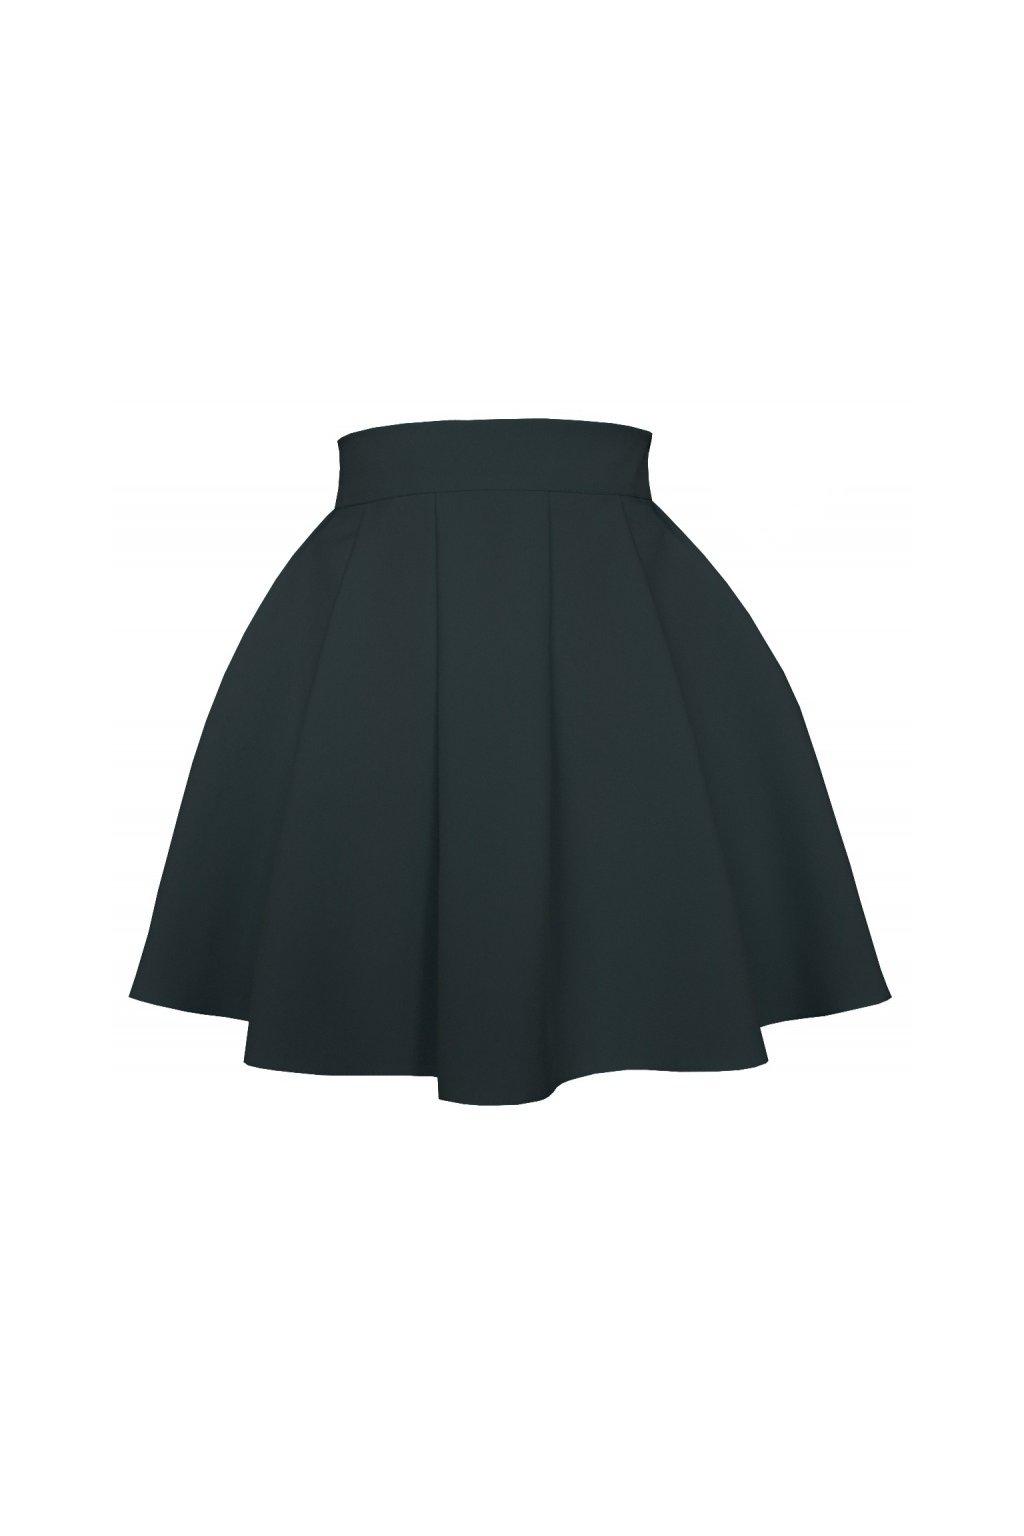 70a771468409 Áčková sukňa mini volán čierna - Tentation.sk